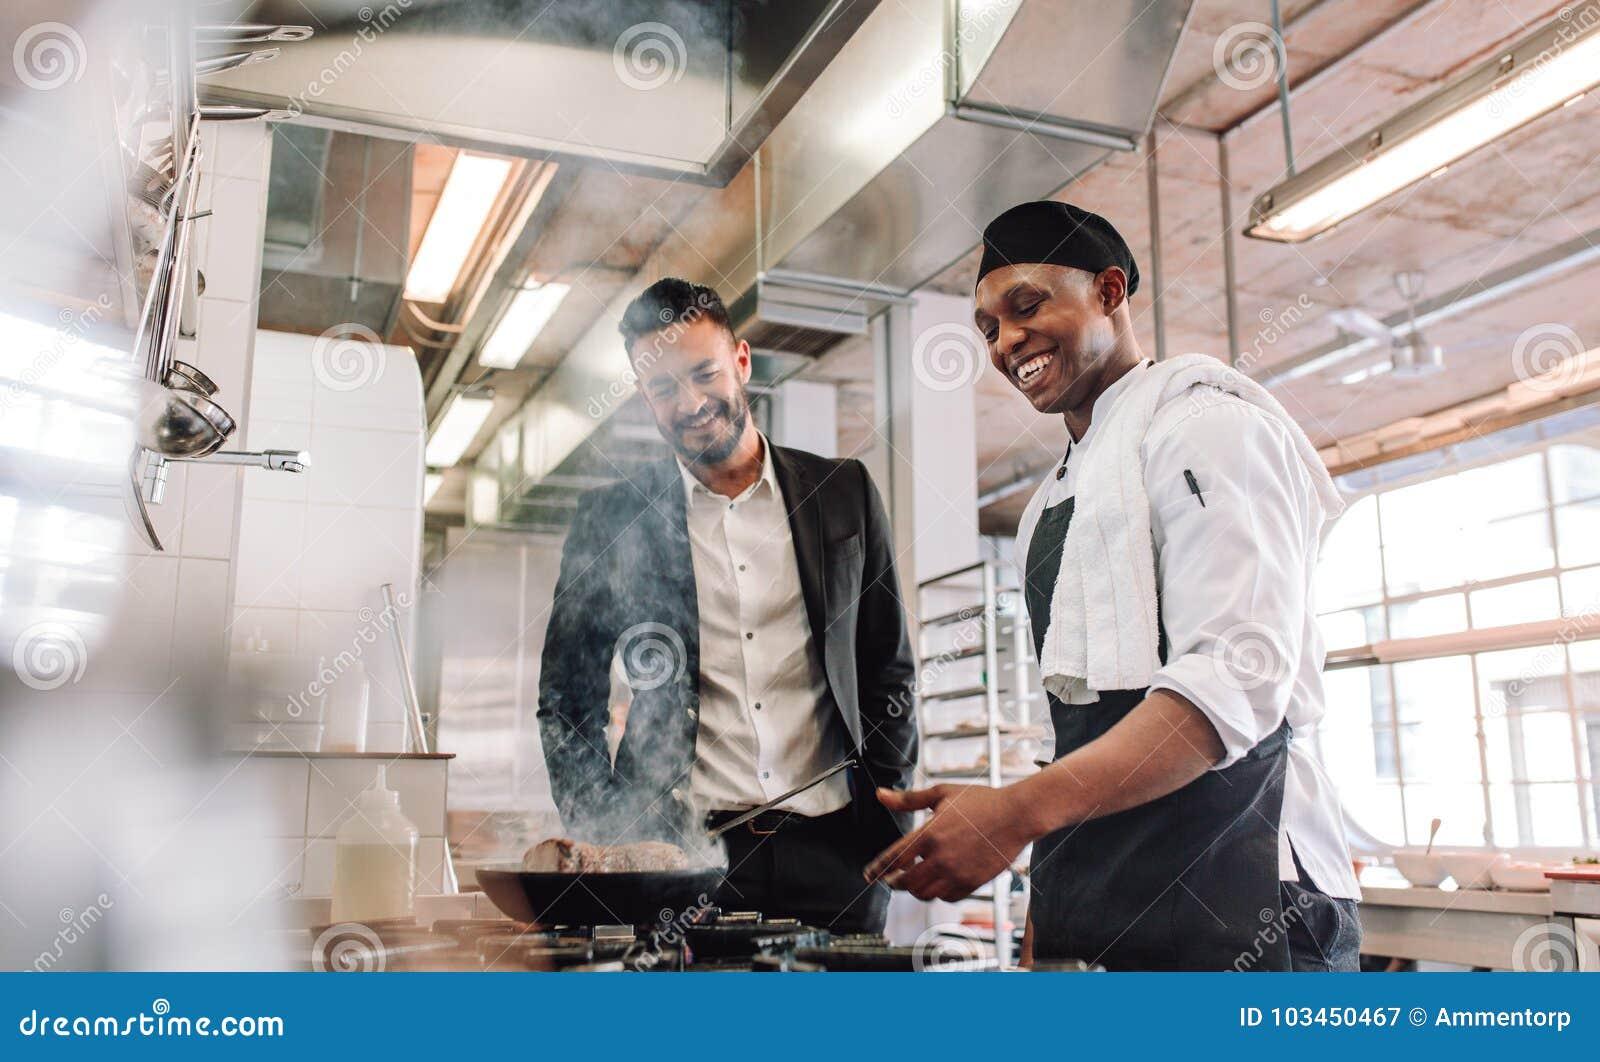 Gerente Do Restaurante Stock Photos - 3,211 Images